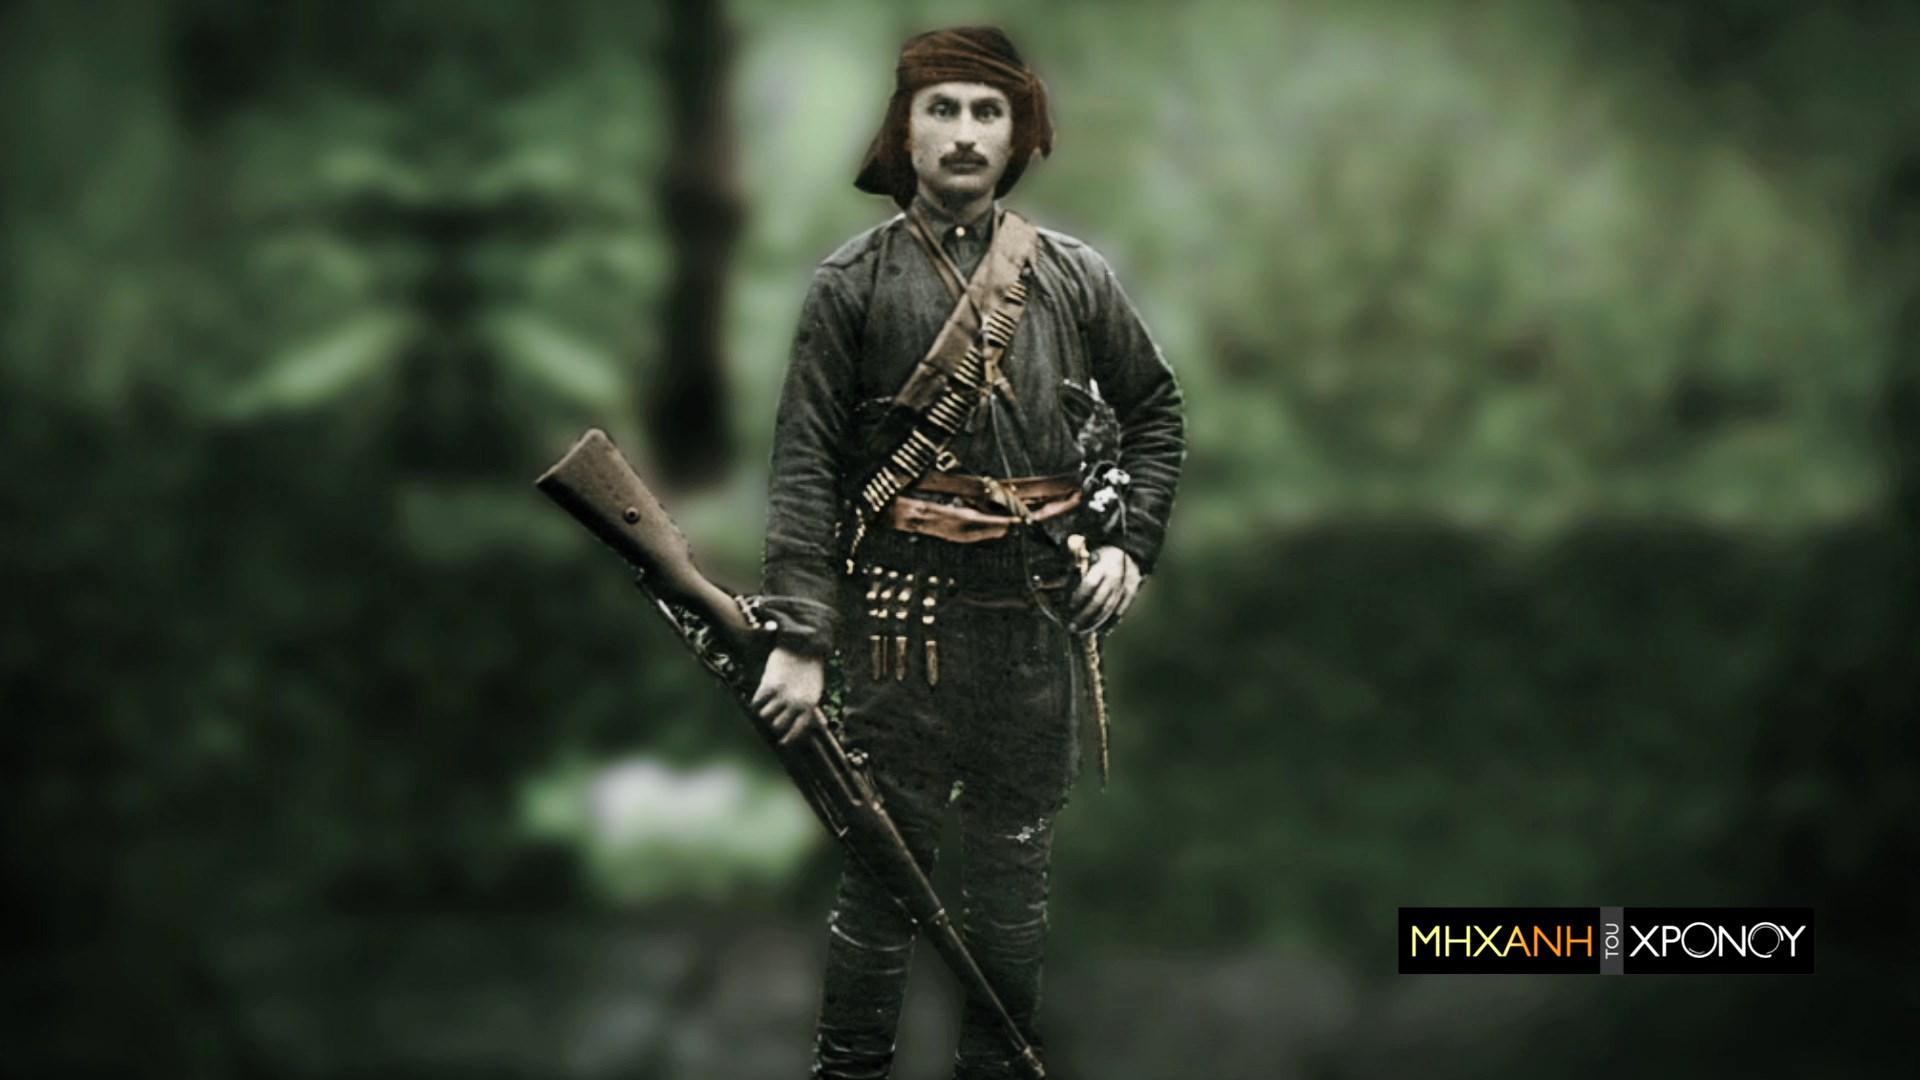 """Τοπάλ Οσμάν, η """"ύαινα του Πόντου"""". Ο βαρκάρης, που έγινε στενός συνεργάτης του Κεμάλ και έσφαξε χιλιάδες Έλληνες"""